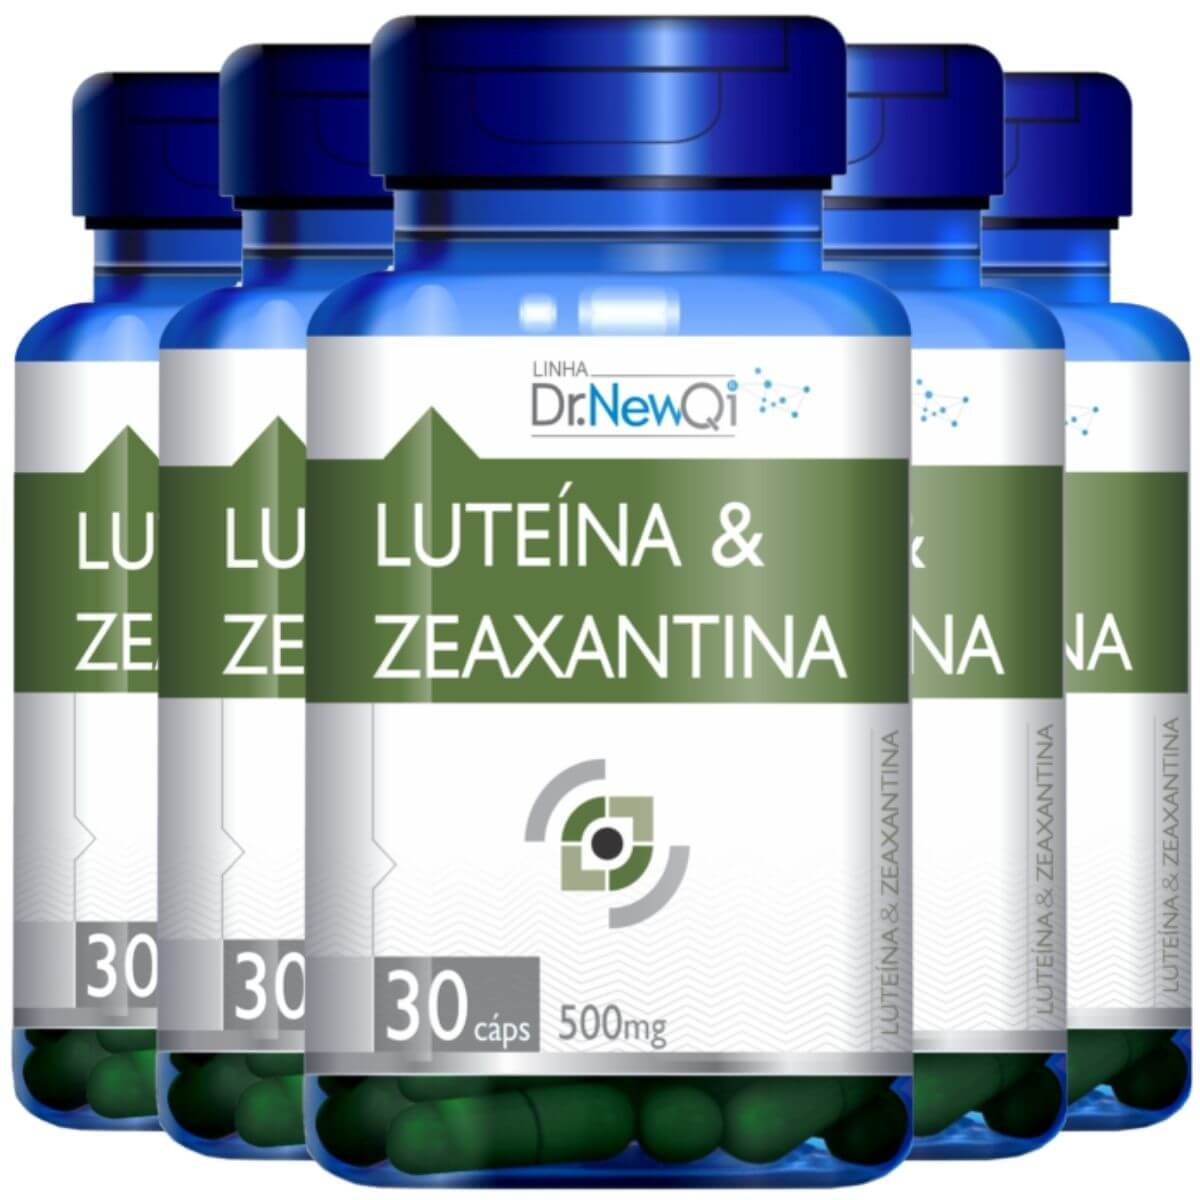 Kit 5 Luteína E Zeaxantina 30 Cápsulas 500mg - Dr. NewQi